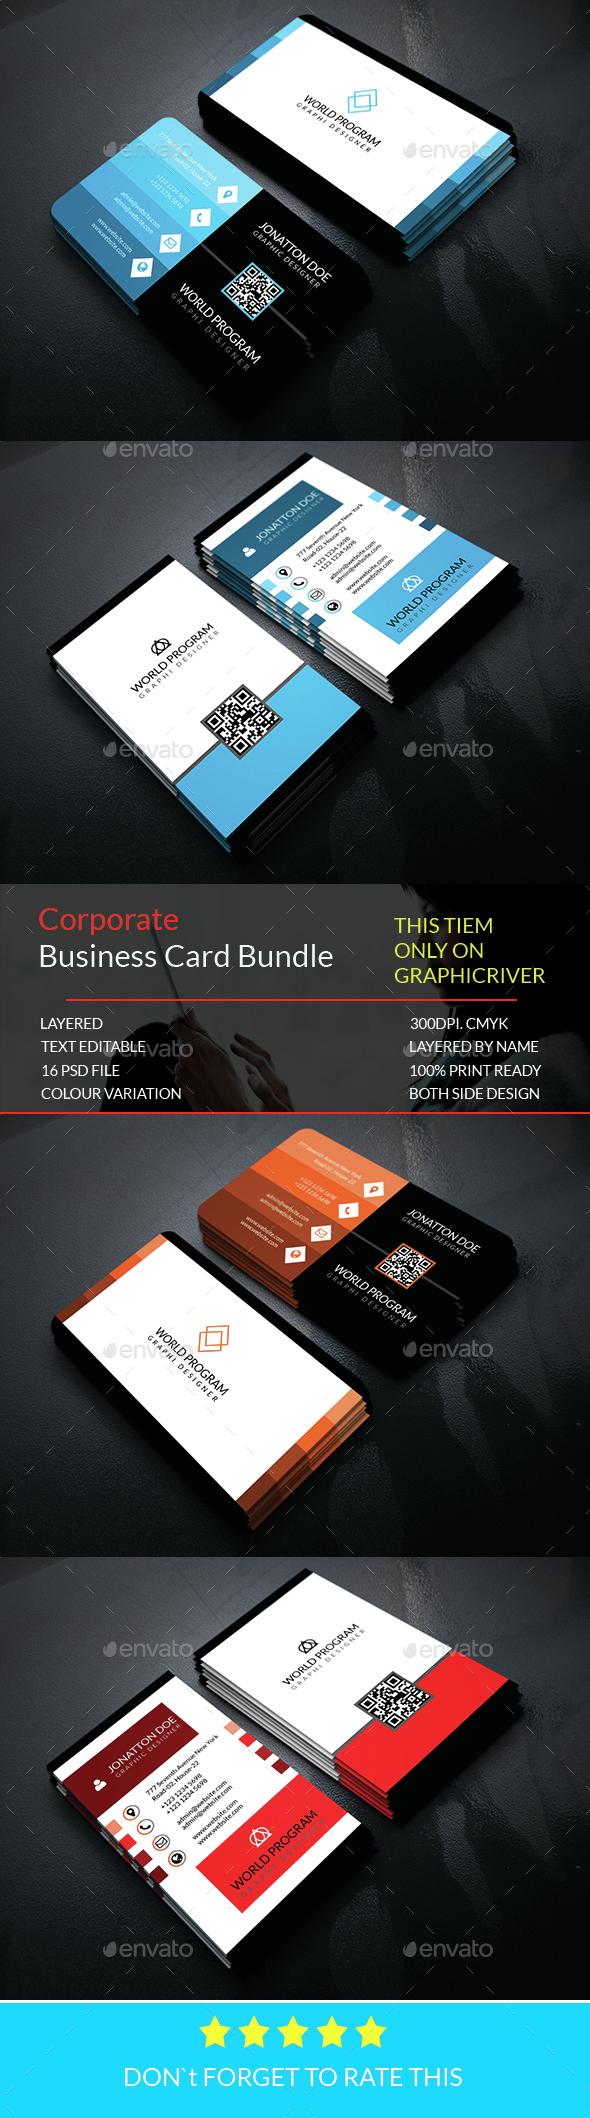 Corporate Business card Bundle.013 - Corporate Business Cards